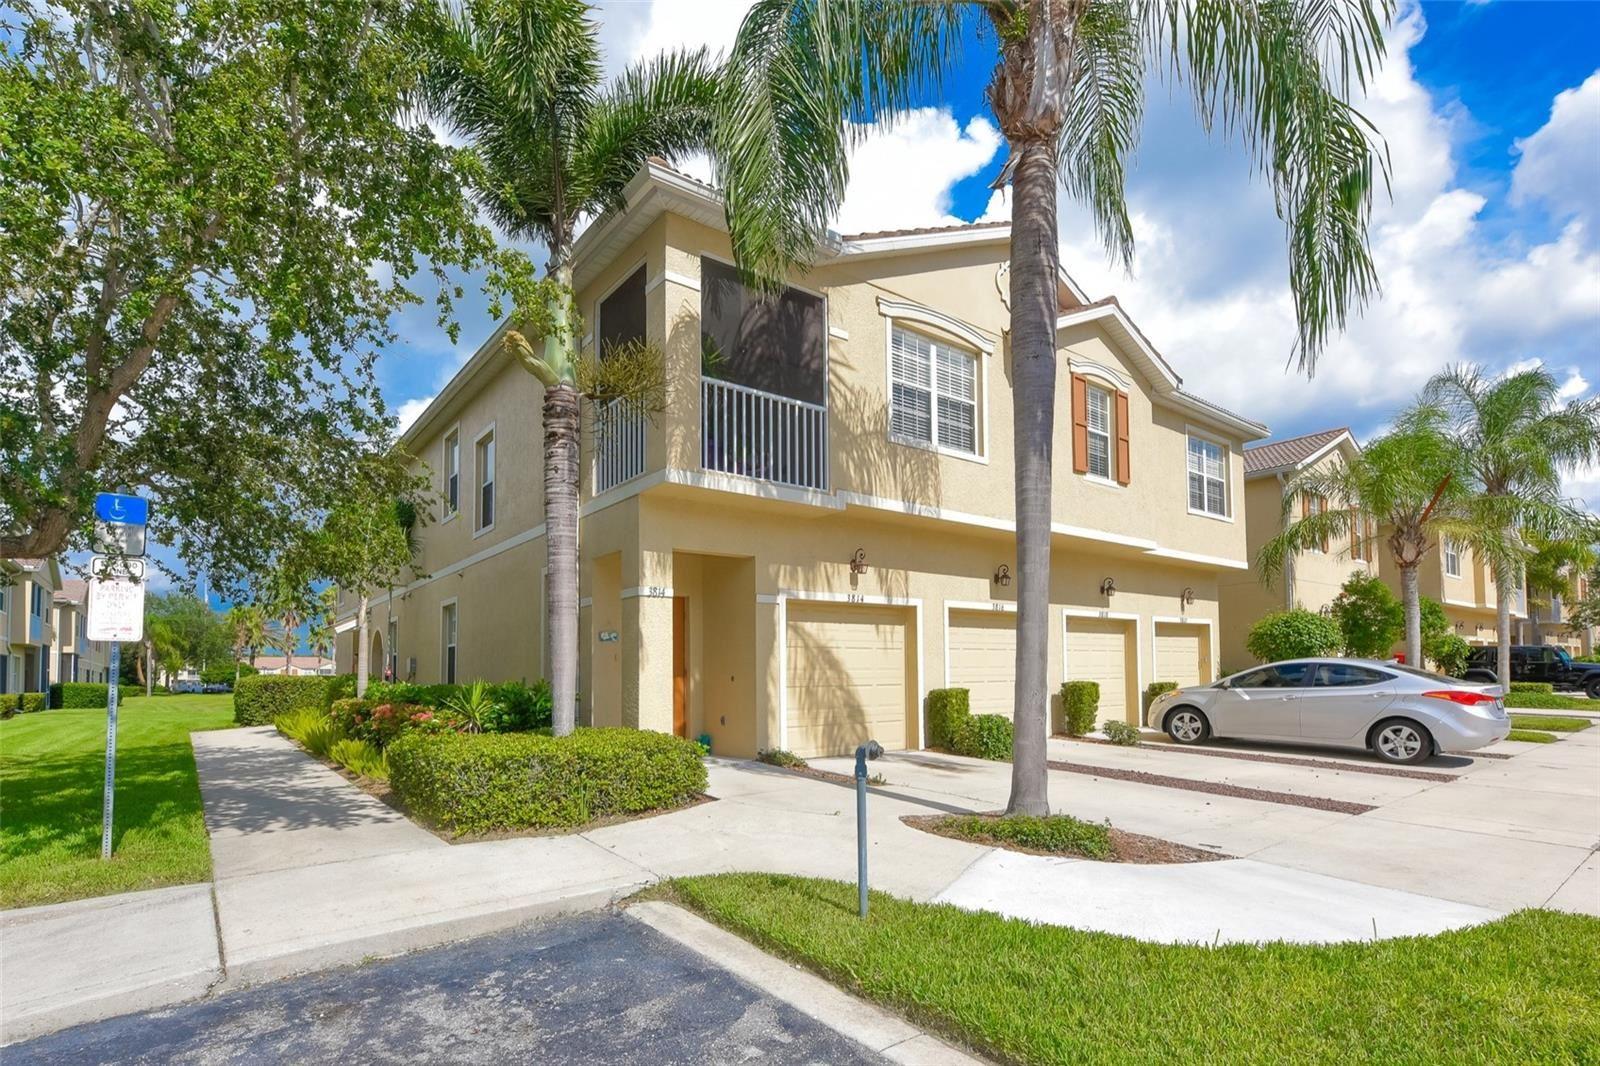 3816 PARKRIDGE CIRCLE #21-101, Sarasota, FL 34243 - #: A4503355